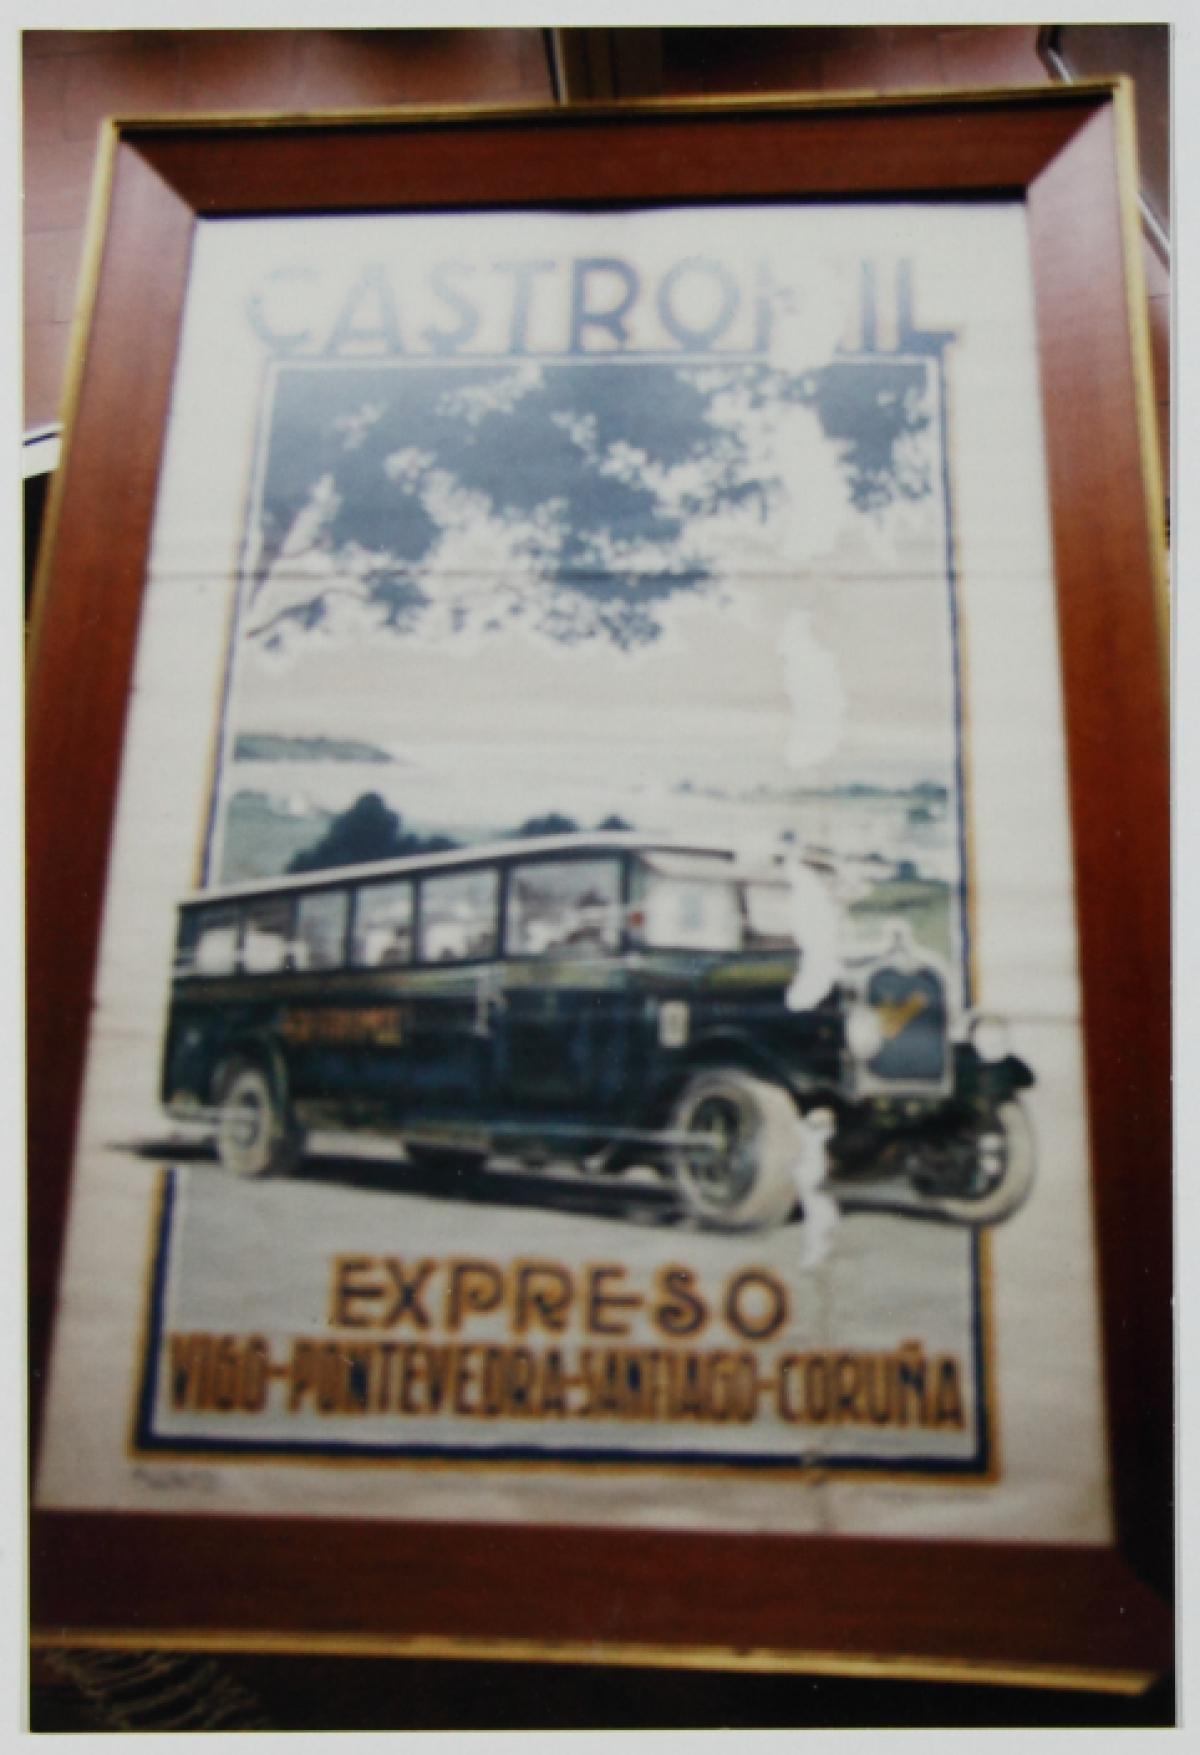 Cartel de Castromil